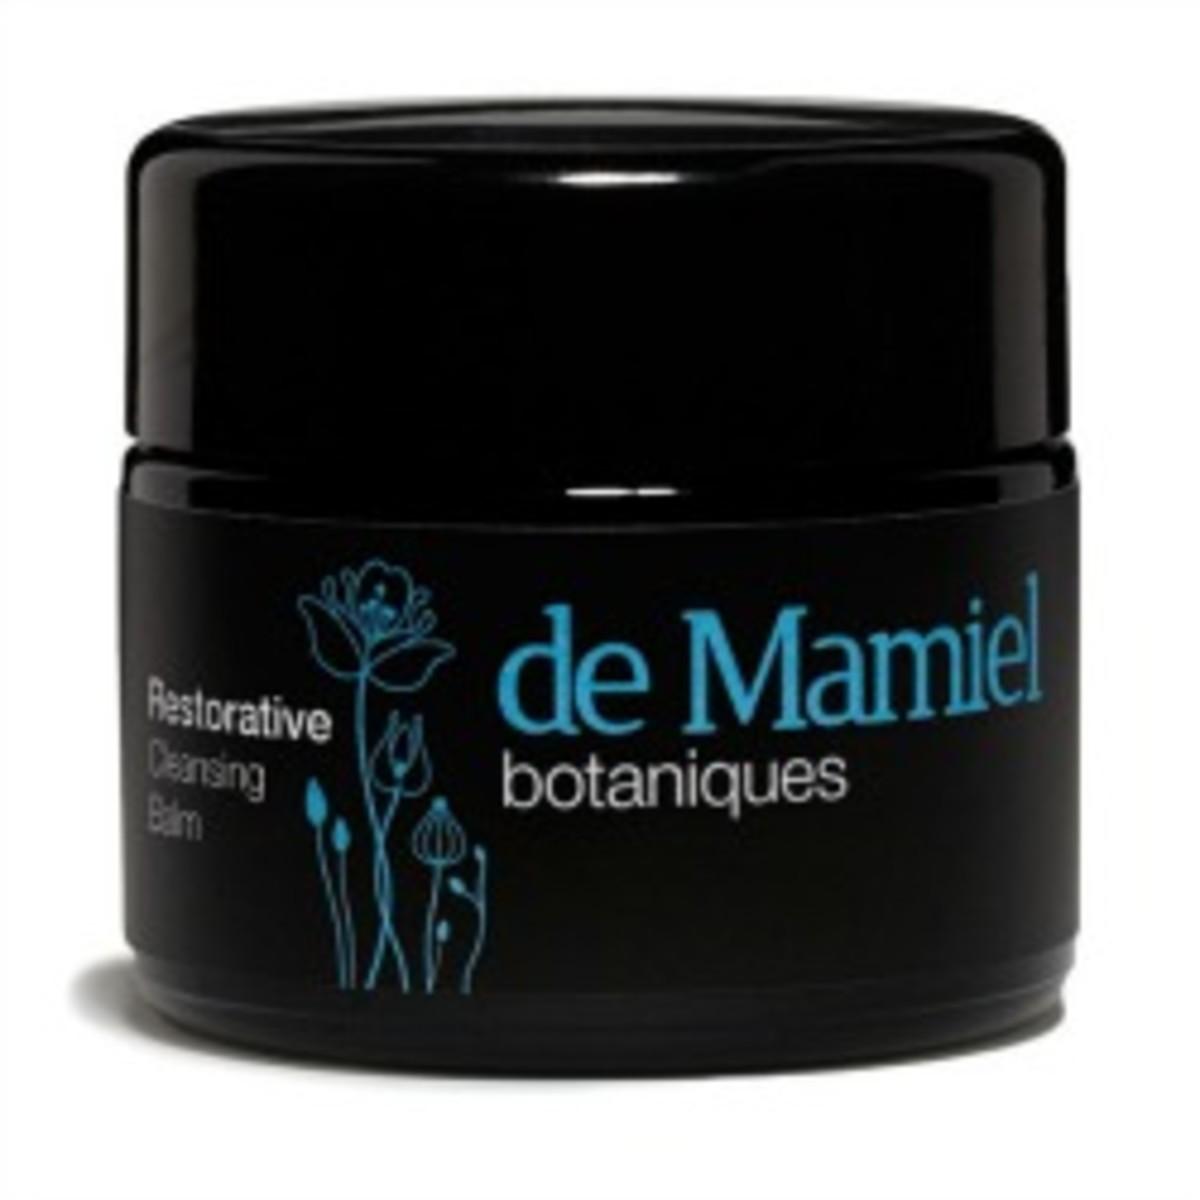 Probiotic Benefits in Skincare de Mamiel